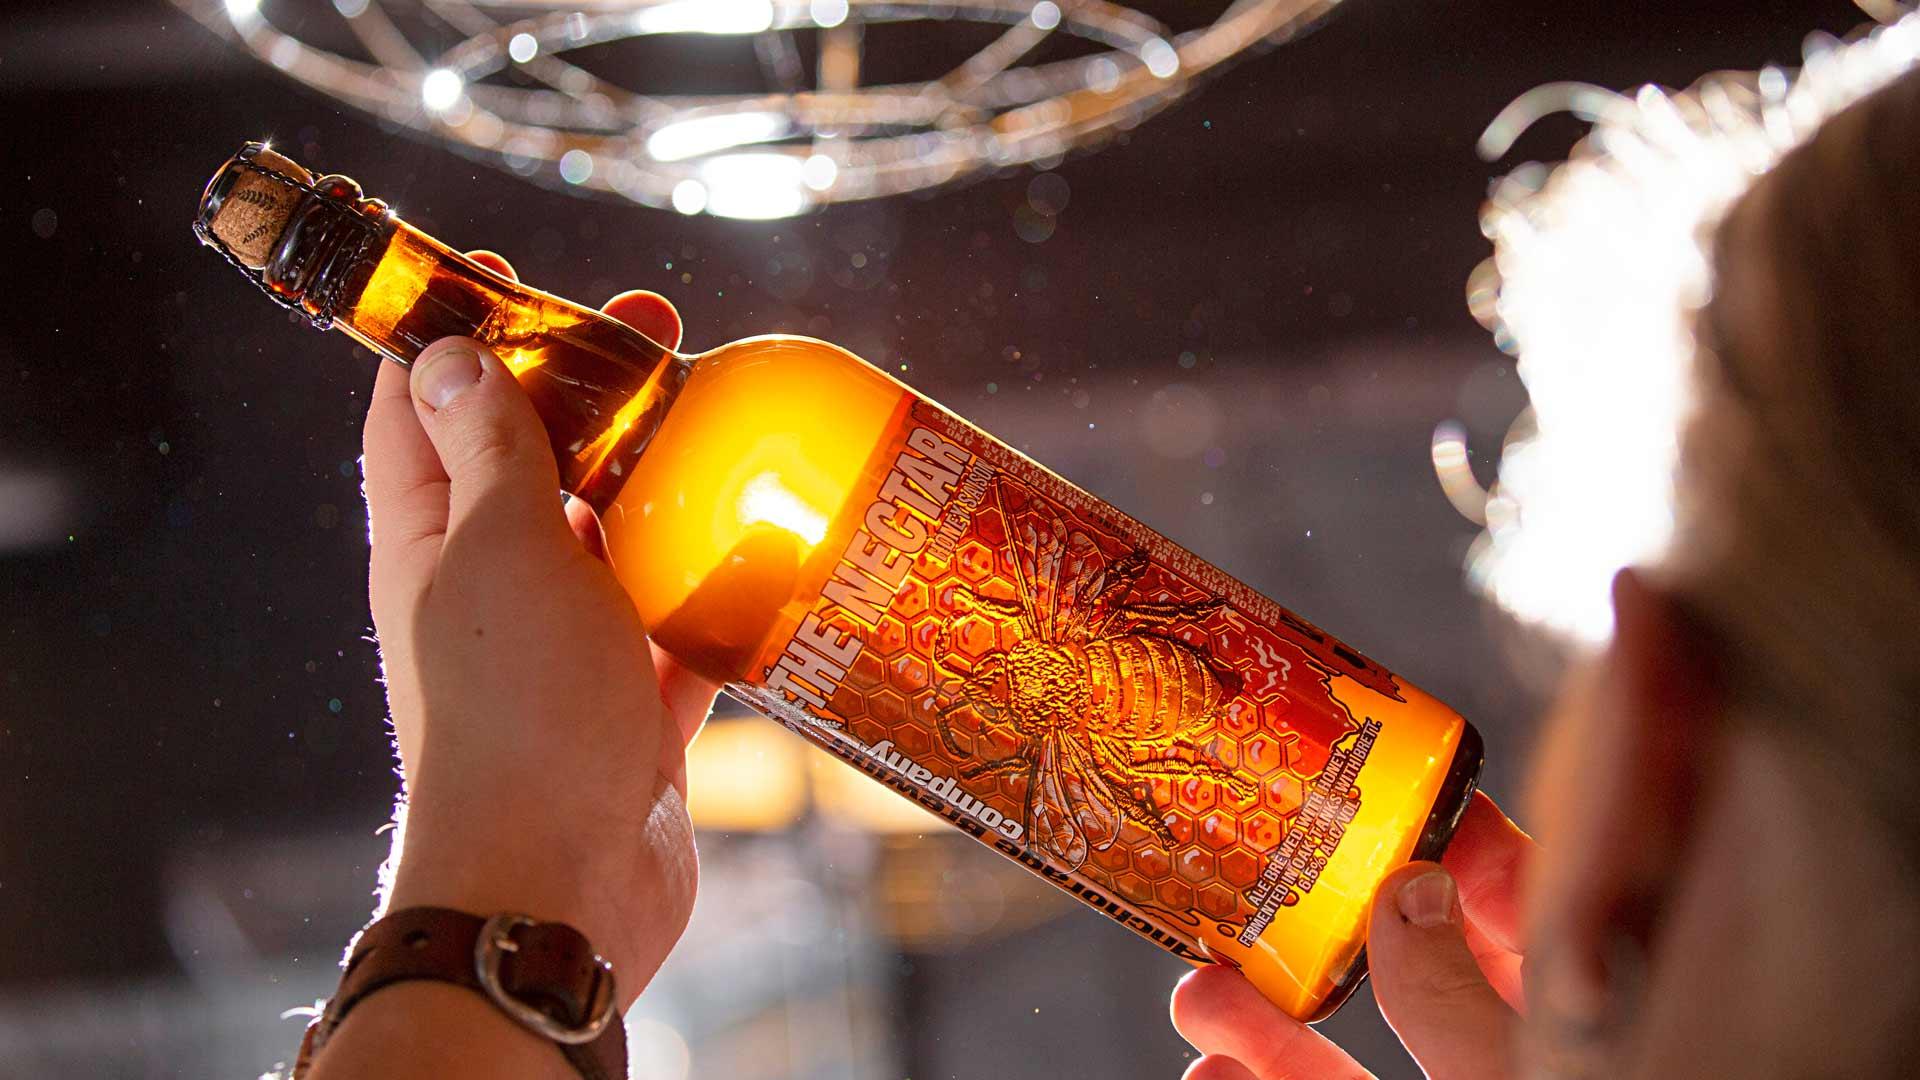 Alaskalainen Anchorage-panimo on käyttänyt saison-oluensa makeuttamiseen hunajaa.